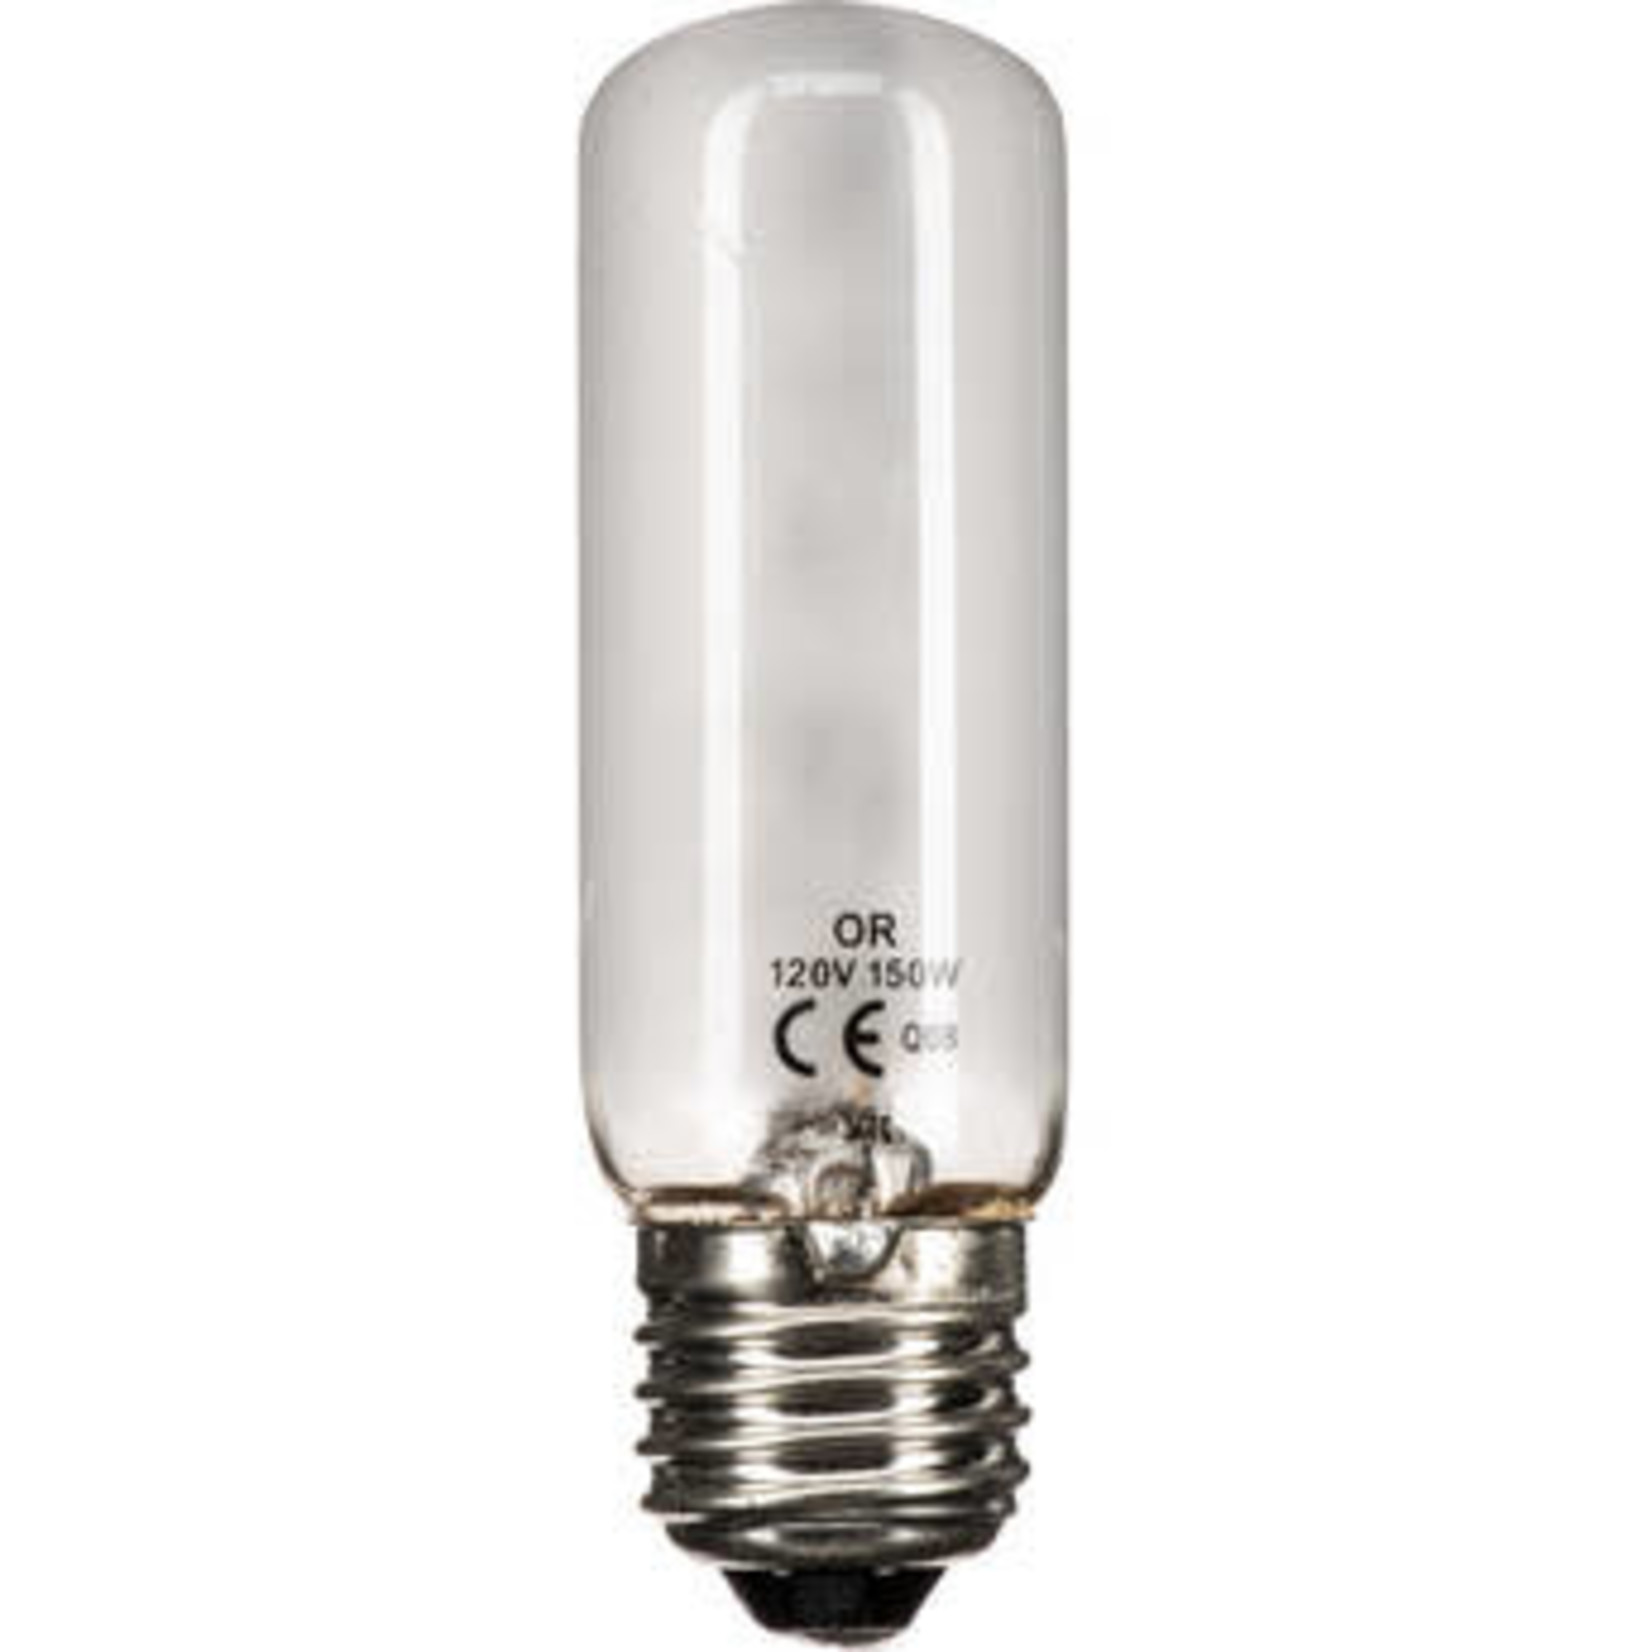 Elinchrom Elinchrom Lamp 100W/90V E27